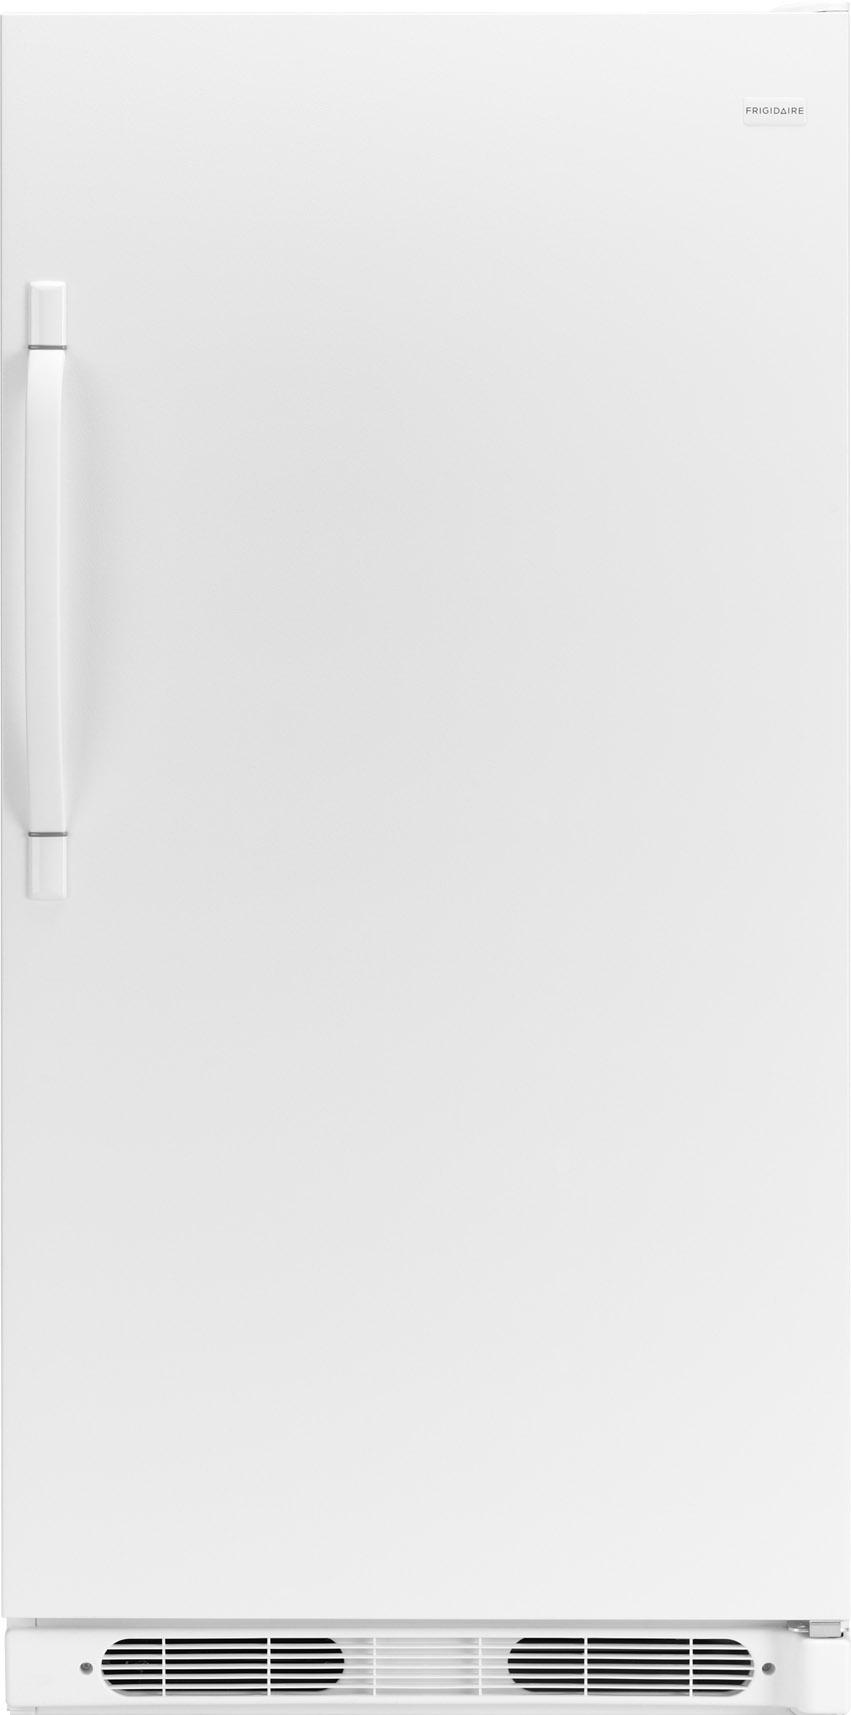 Frigidaire Refrigerator Model FRU17B2JW18 Parts